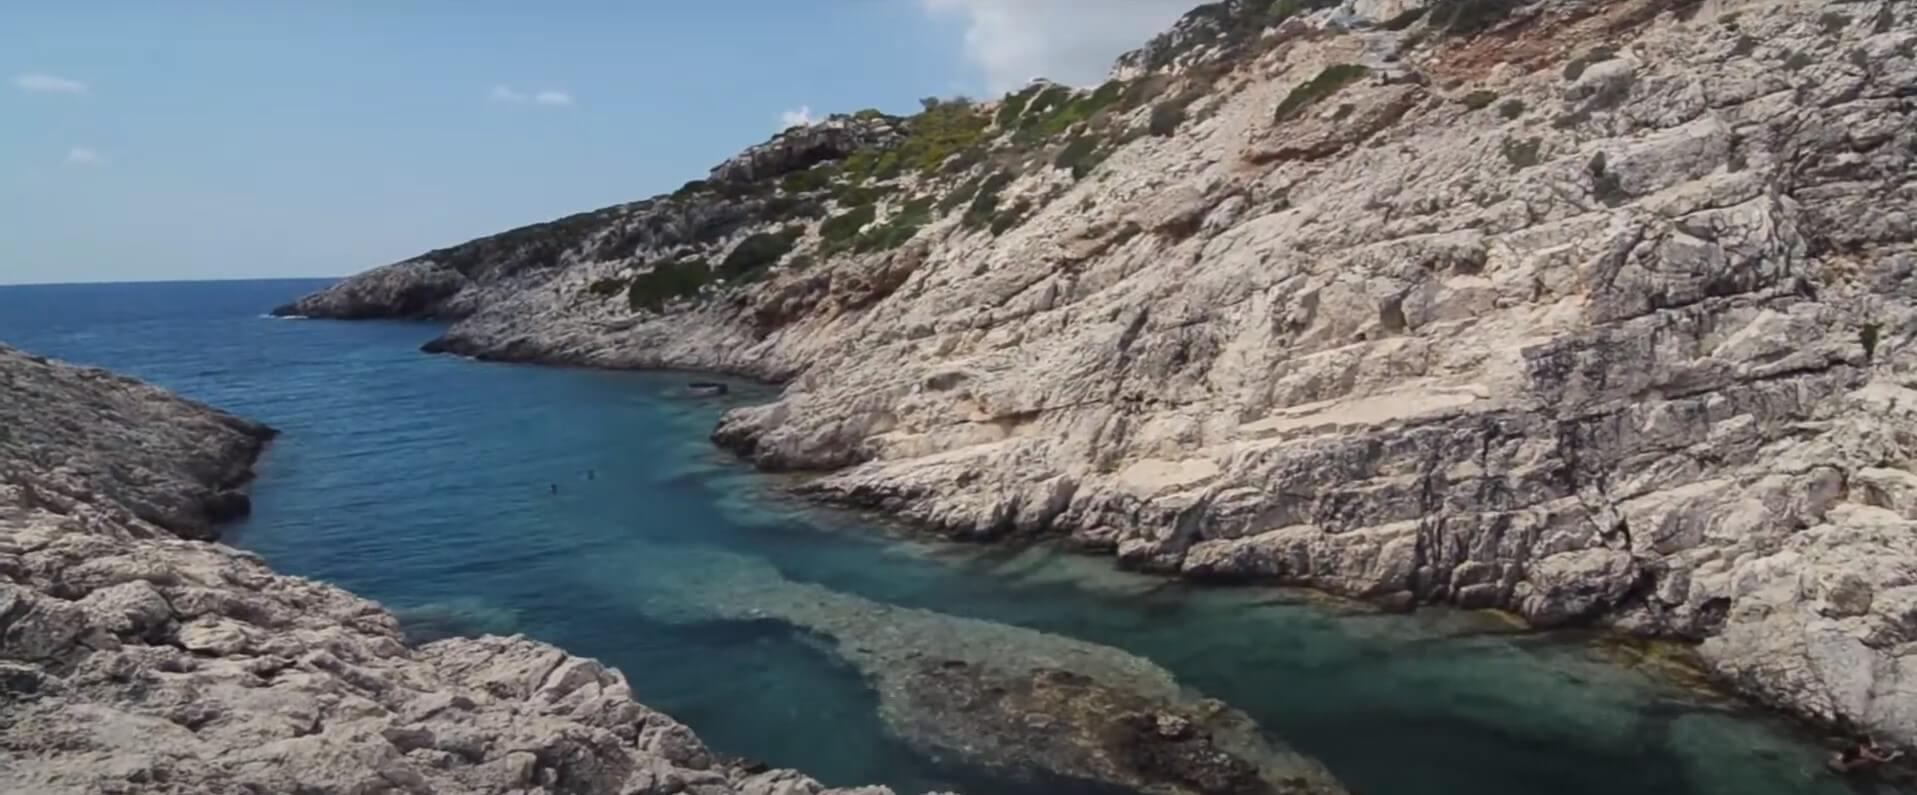 Korakonisi-Zakynthos-Cruises-5